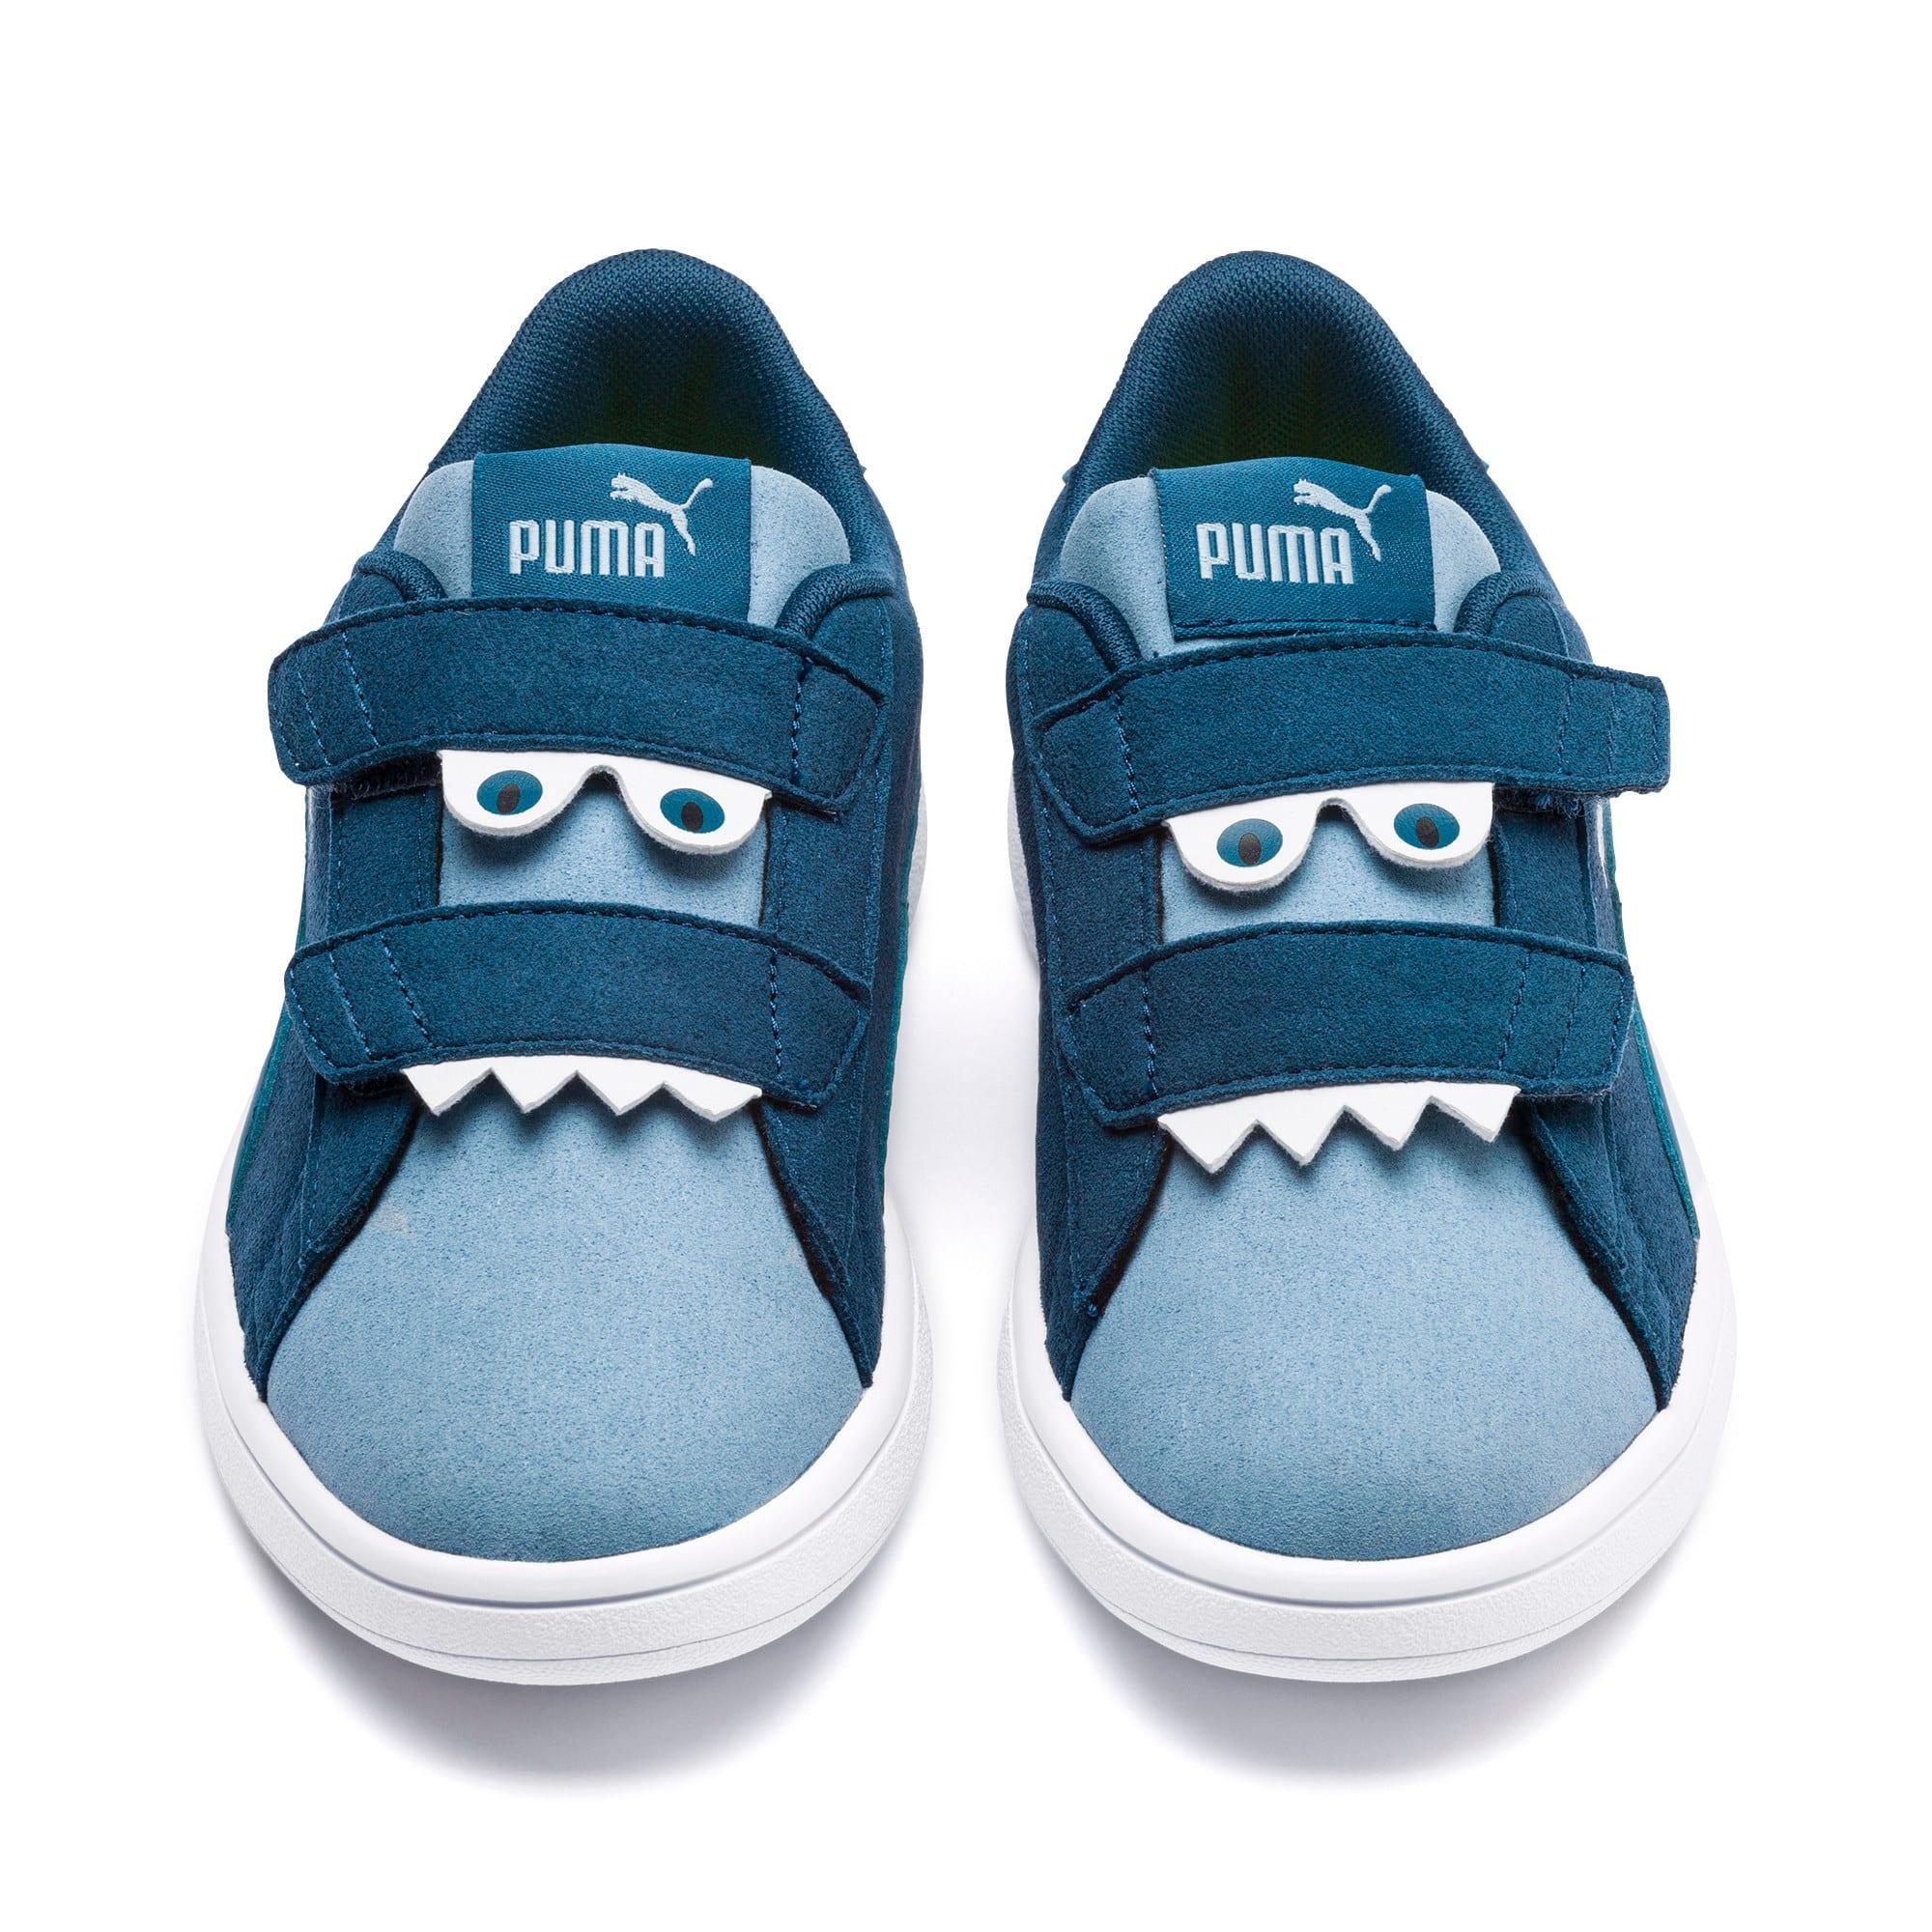 Thumbnail 7 of PUMA Smash v2 Monster Little Kids' Shoes, Gibraltar Sea-Faded Denim, medium